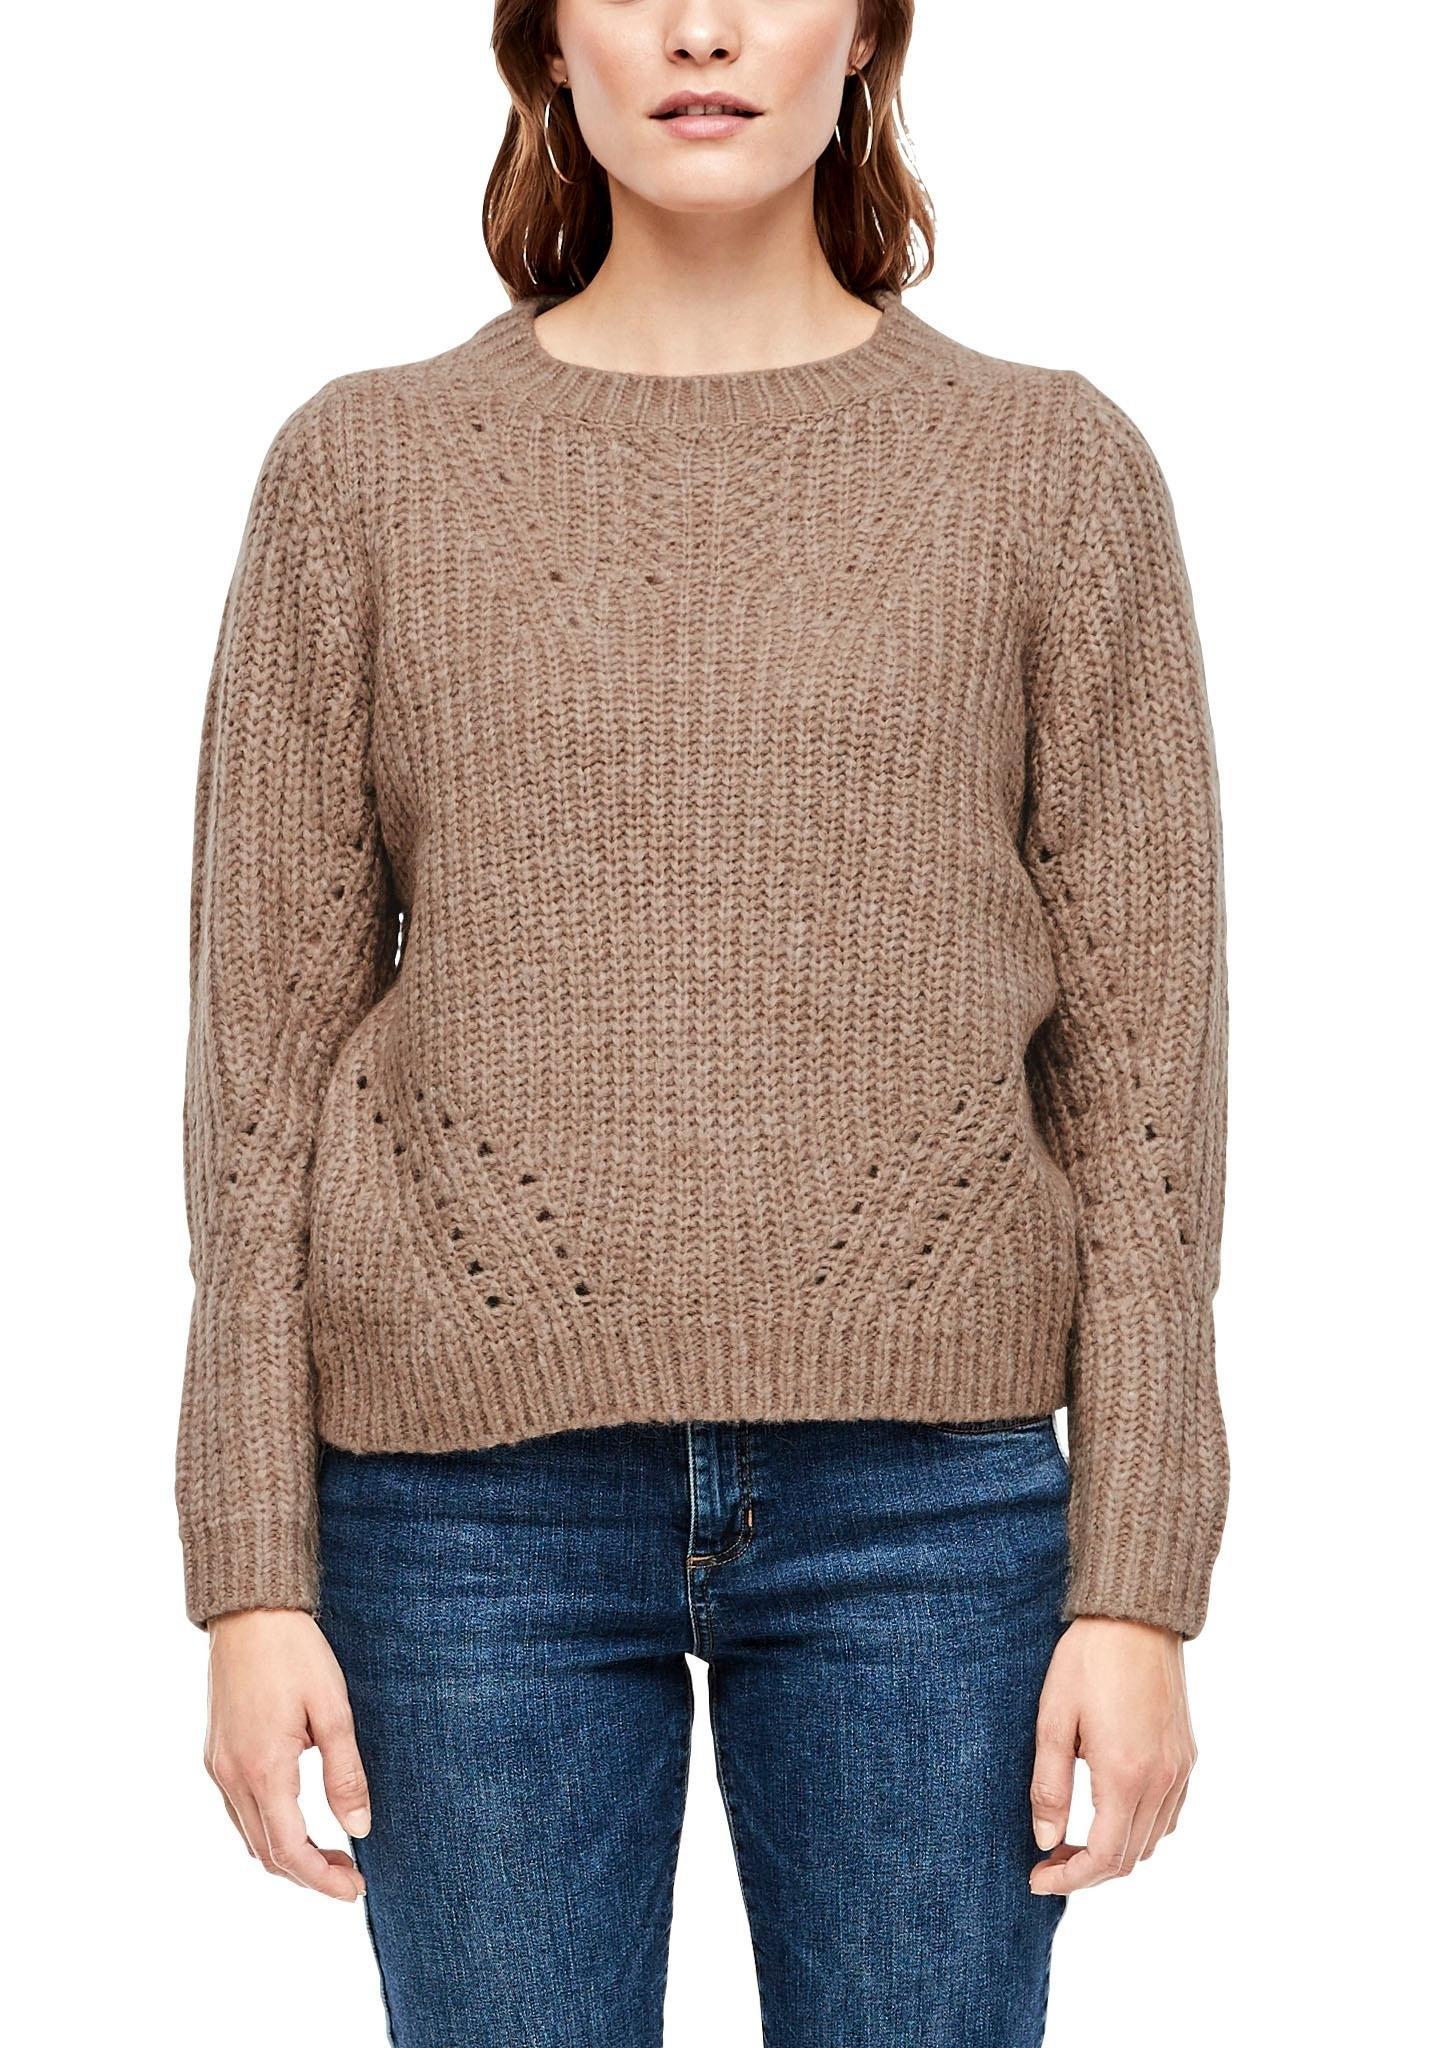 s.Oliver RED LABEL gebreide trui voordelig en veilig online kopen